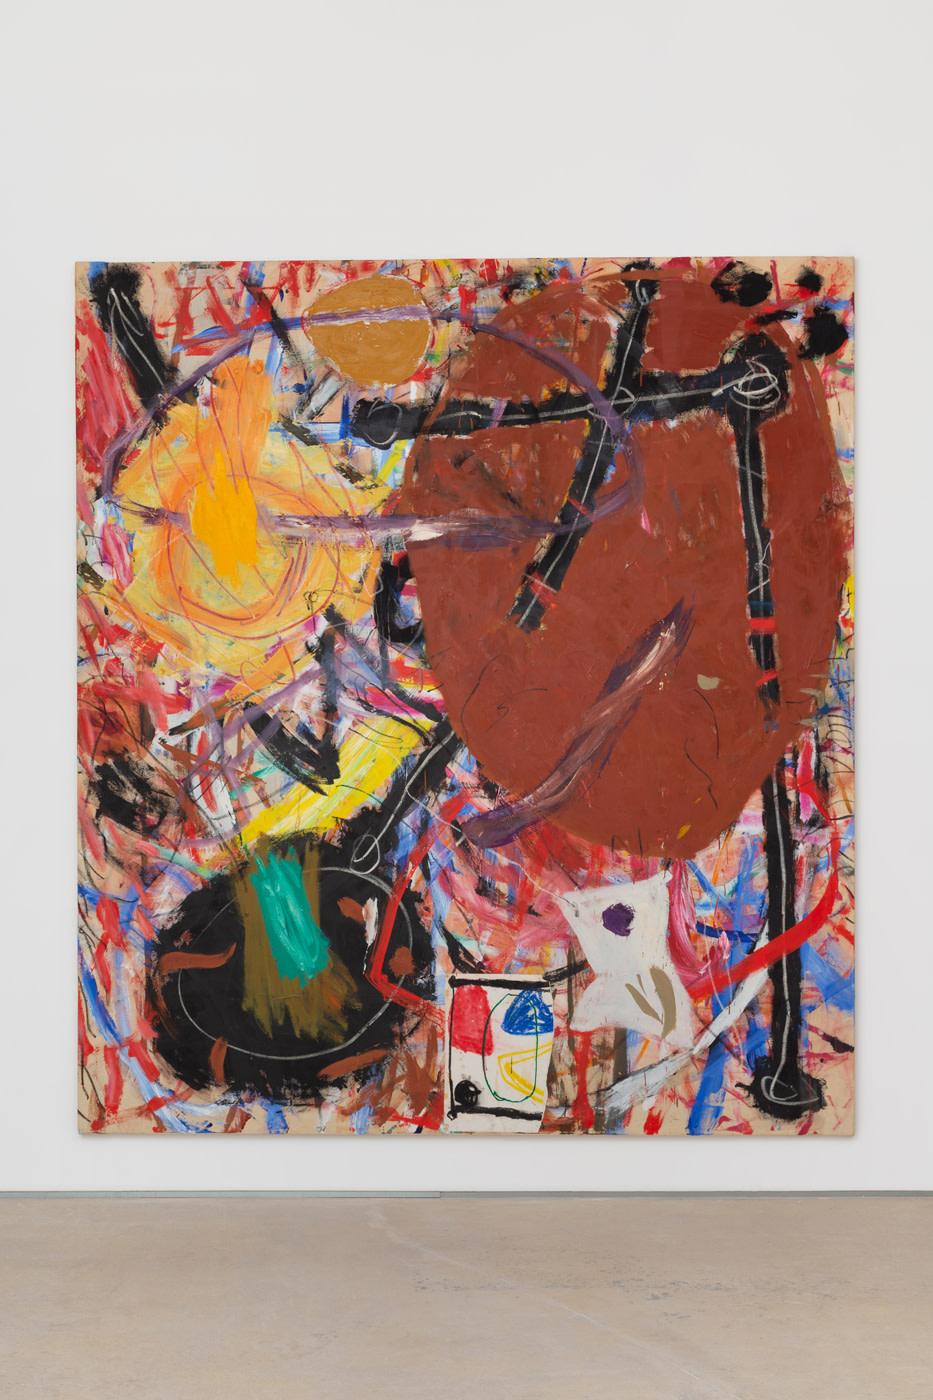 Pendulum, 1981